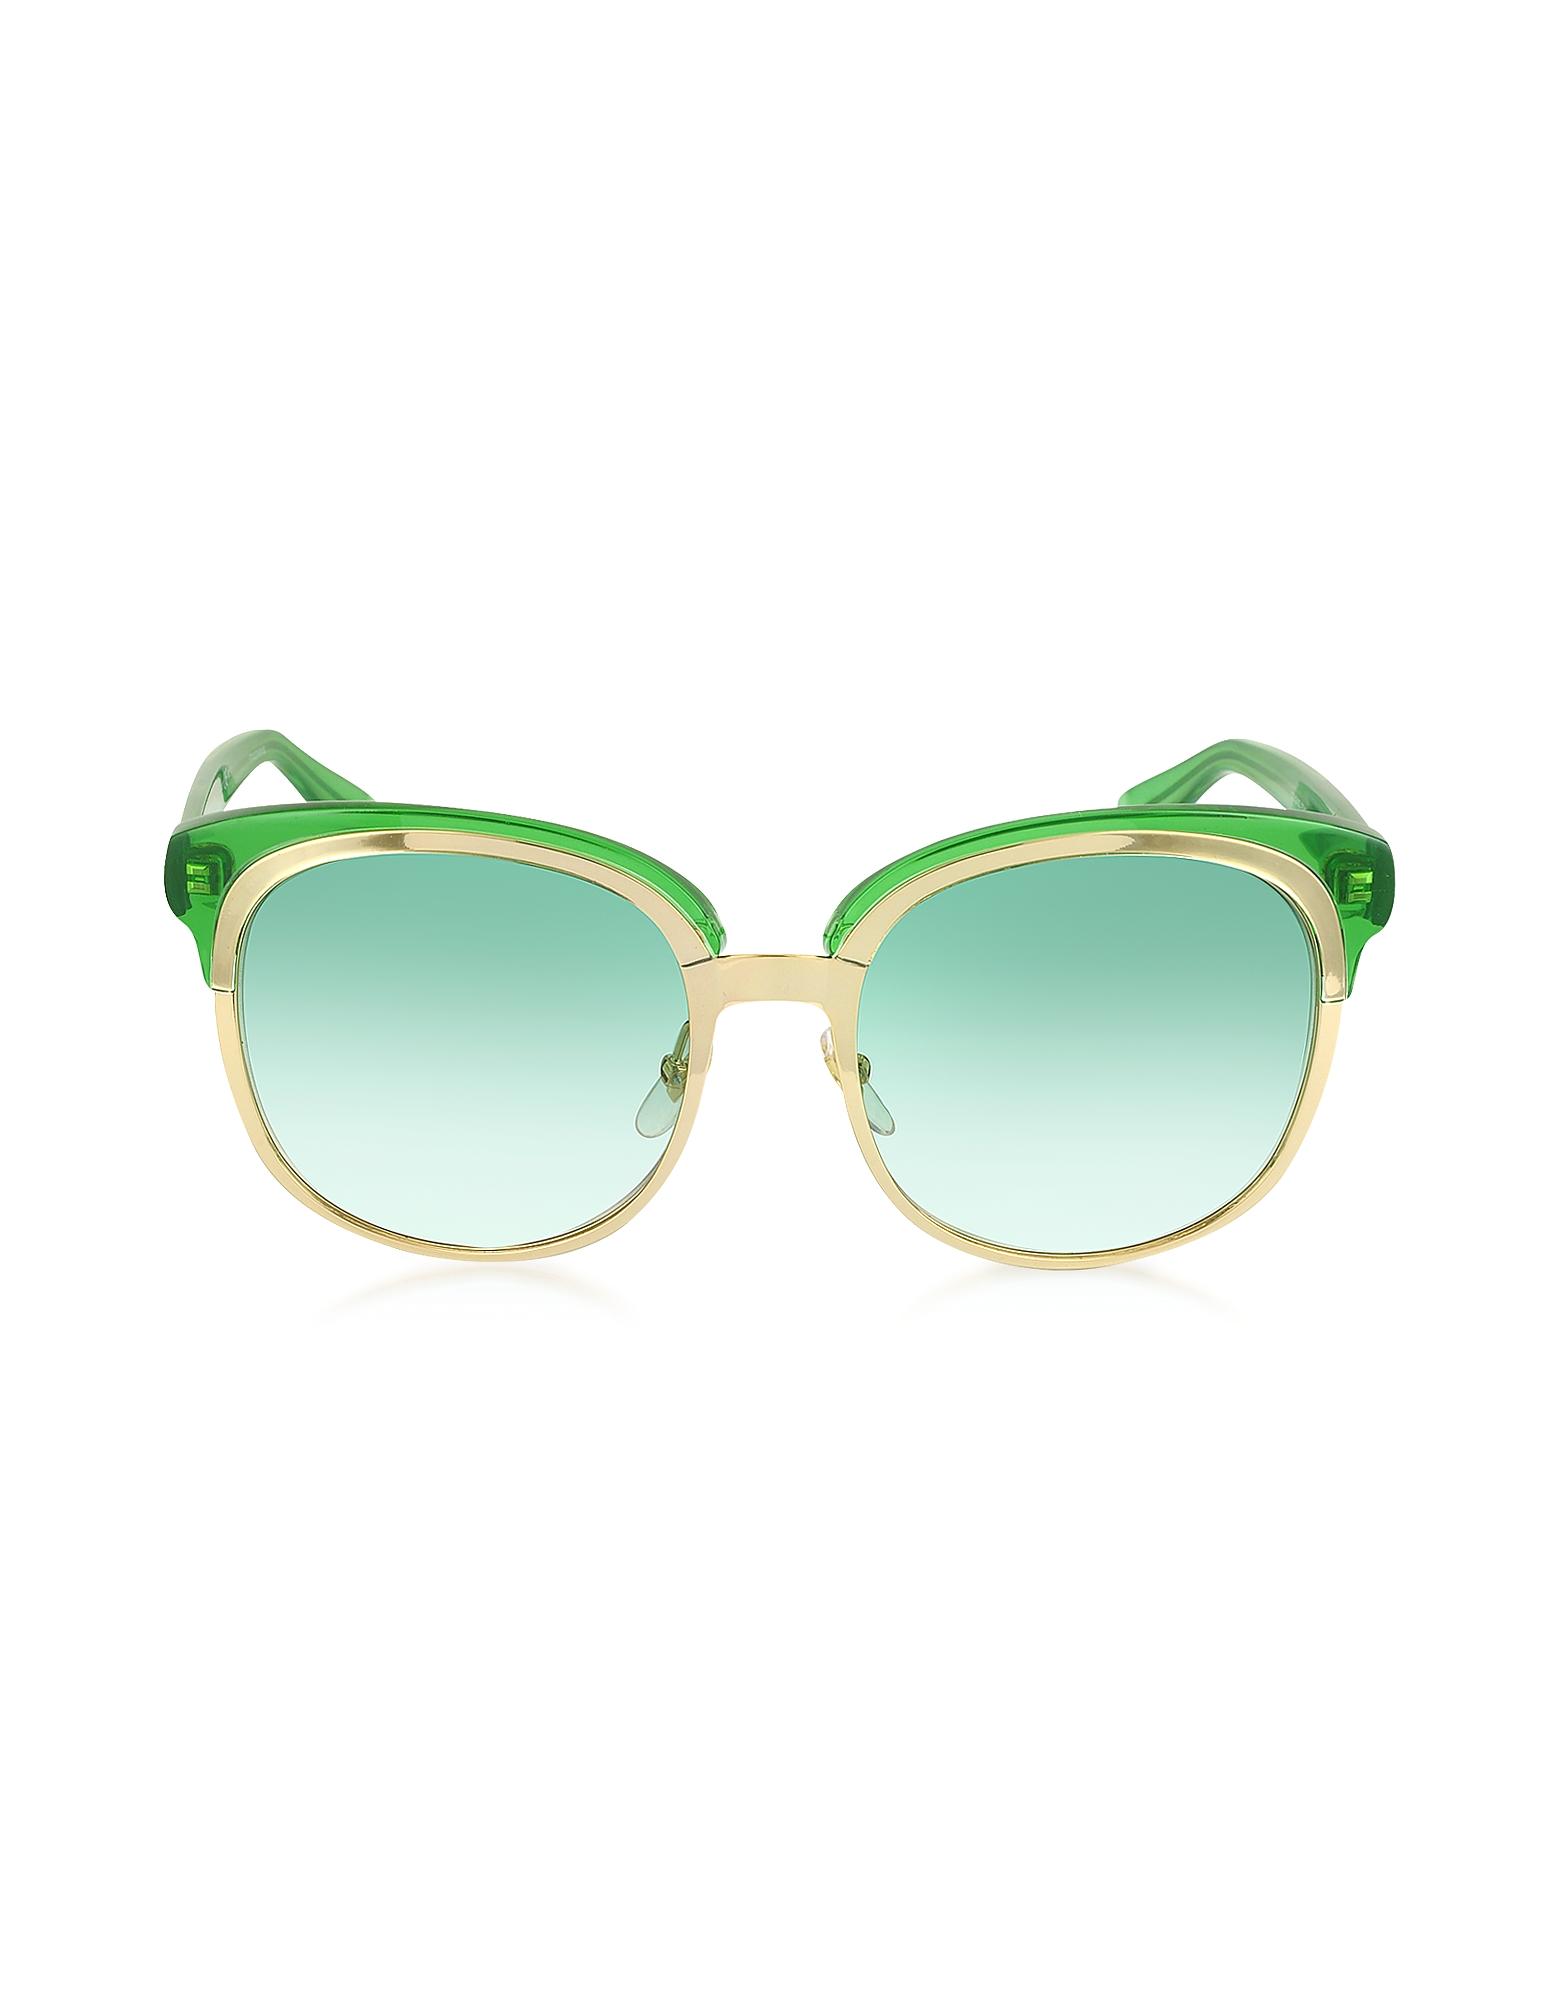 GG 4241/S EZA7L - Зеленые и Золотистые Женские Солнечные Очки